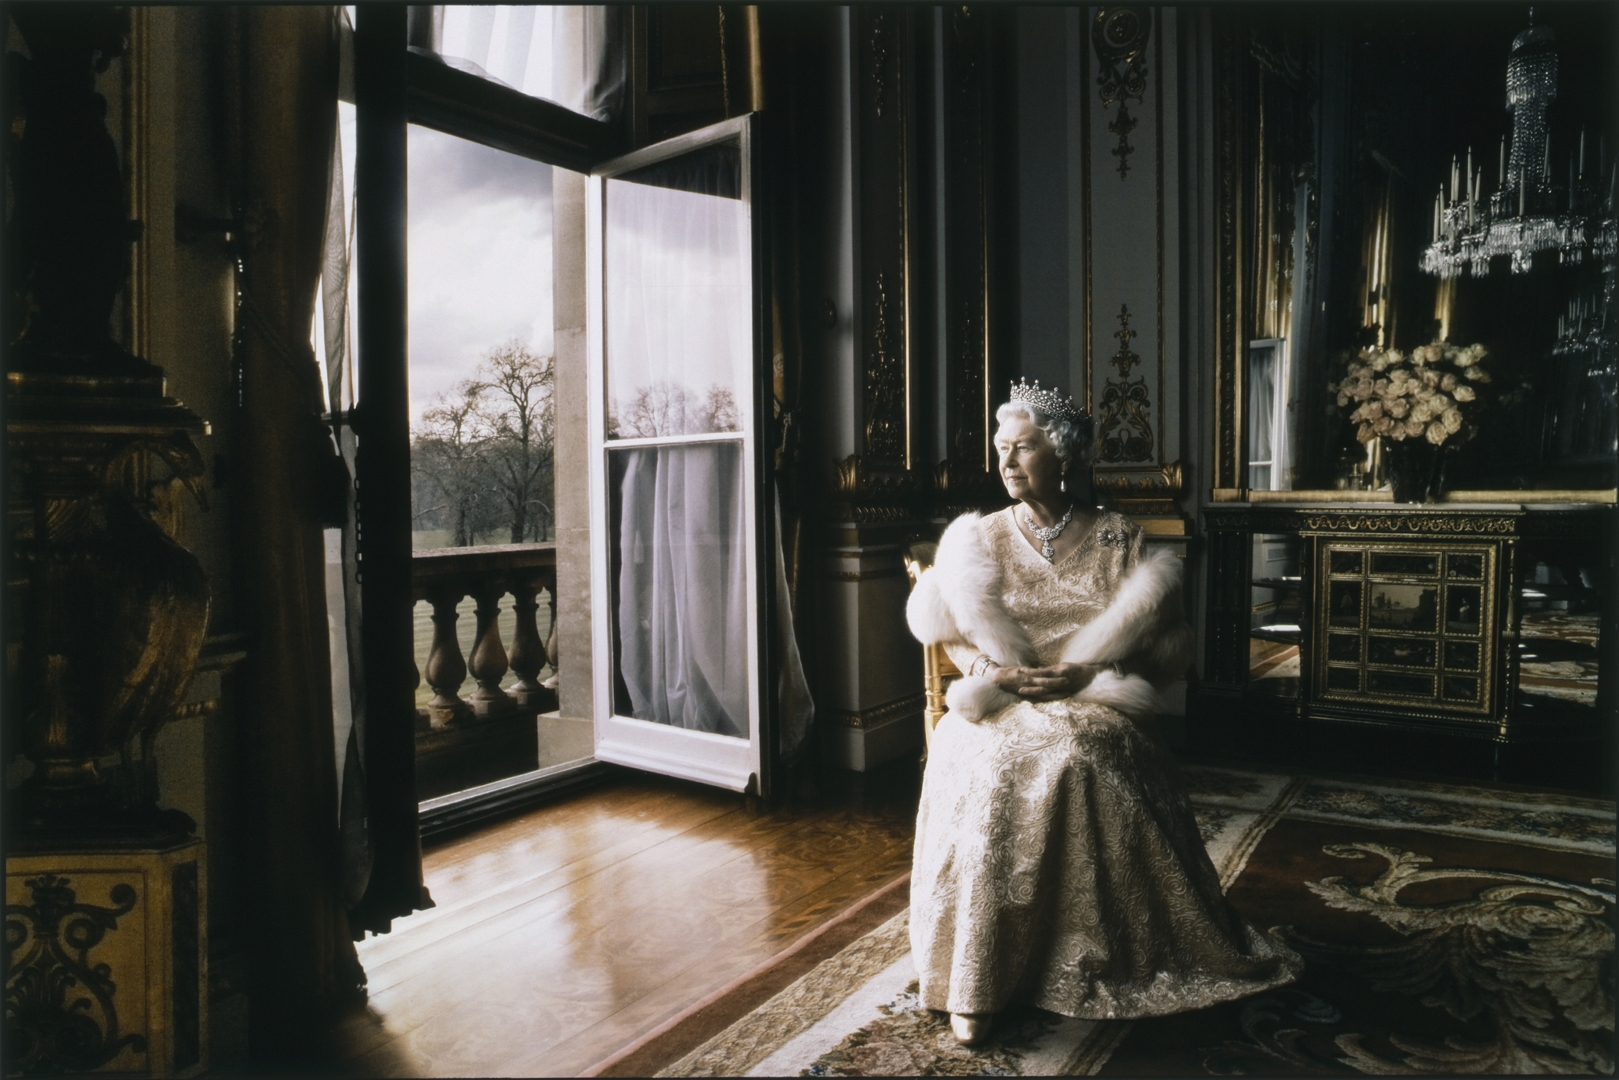 Queen Elizabeth II image